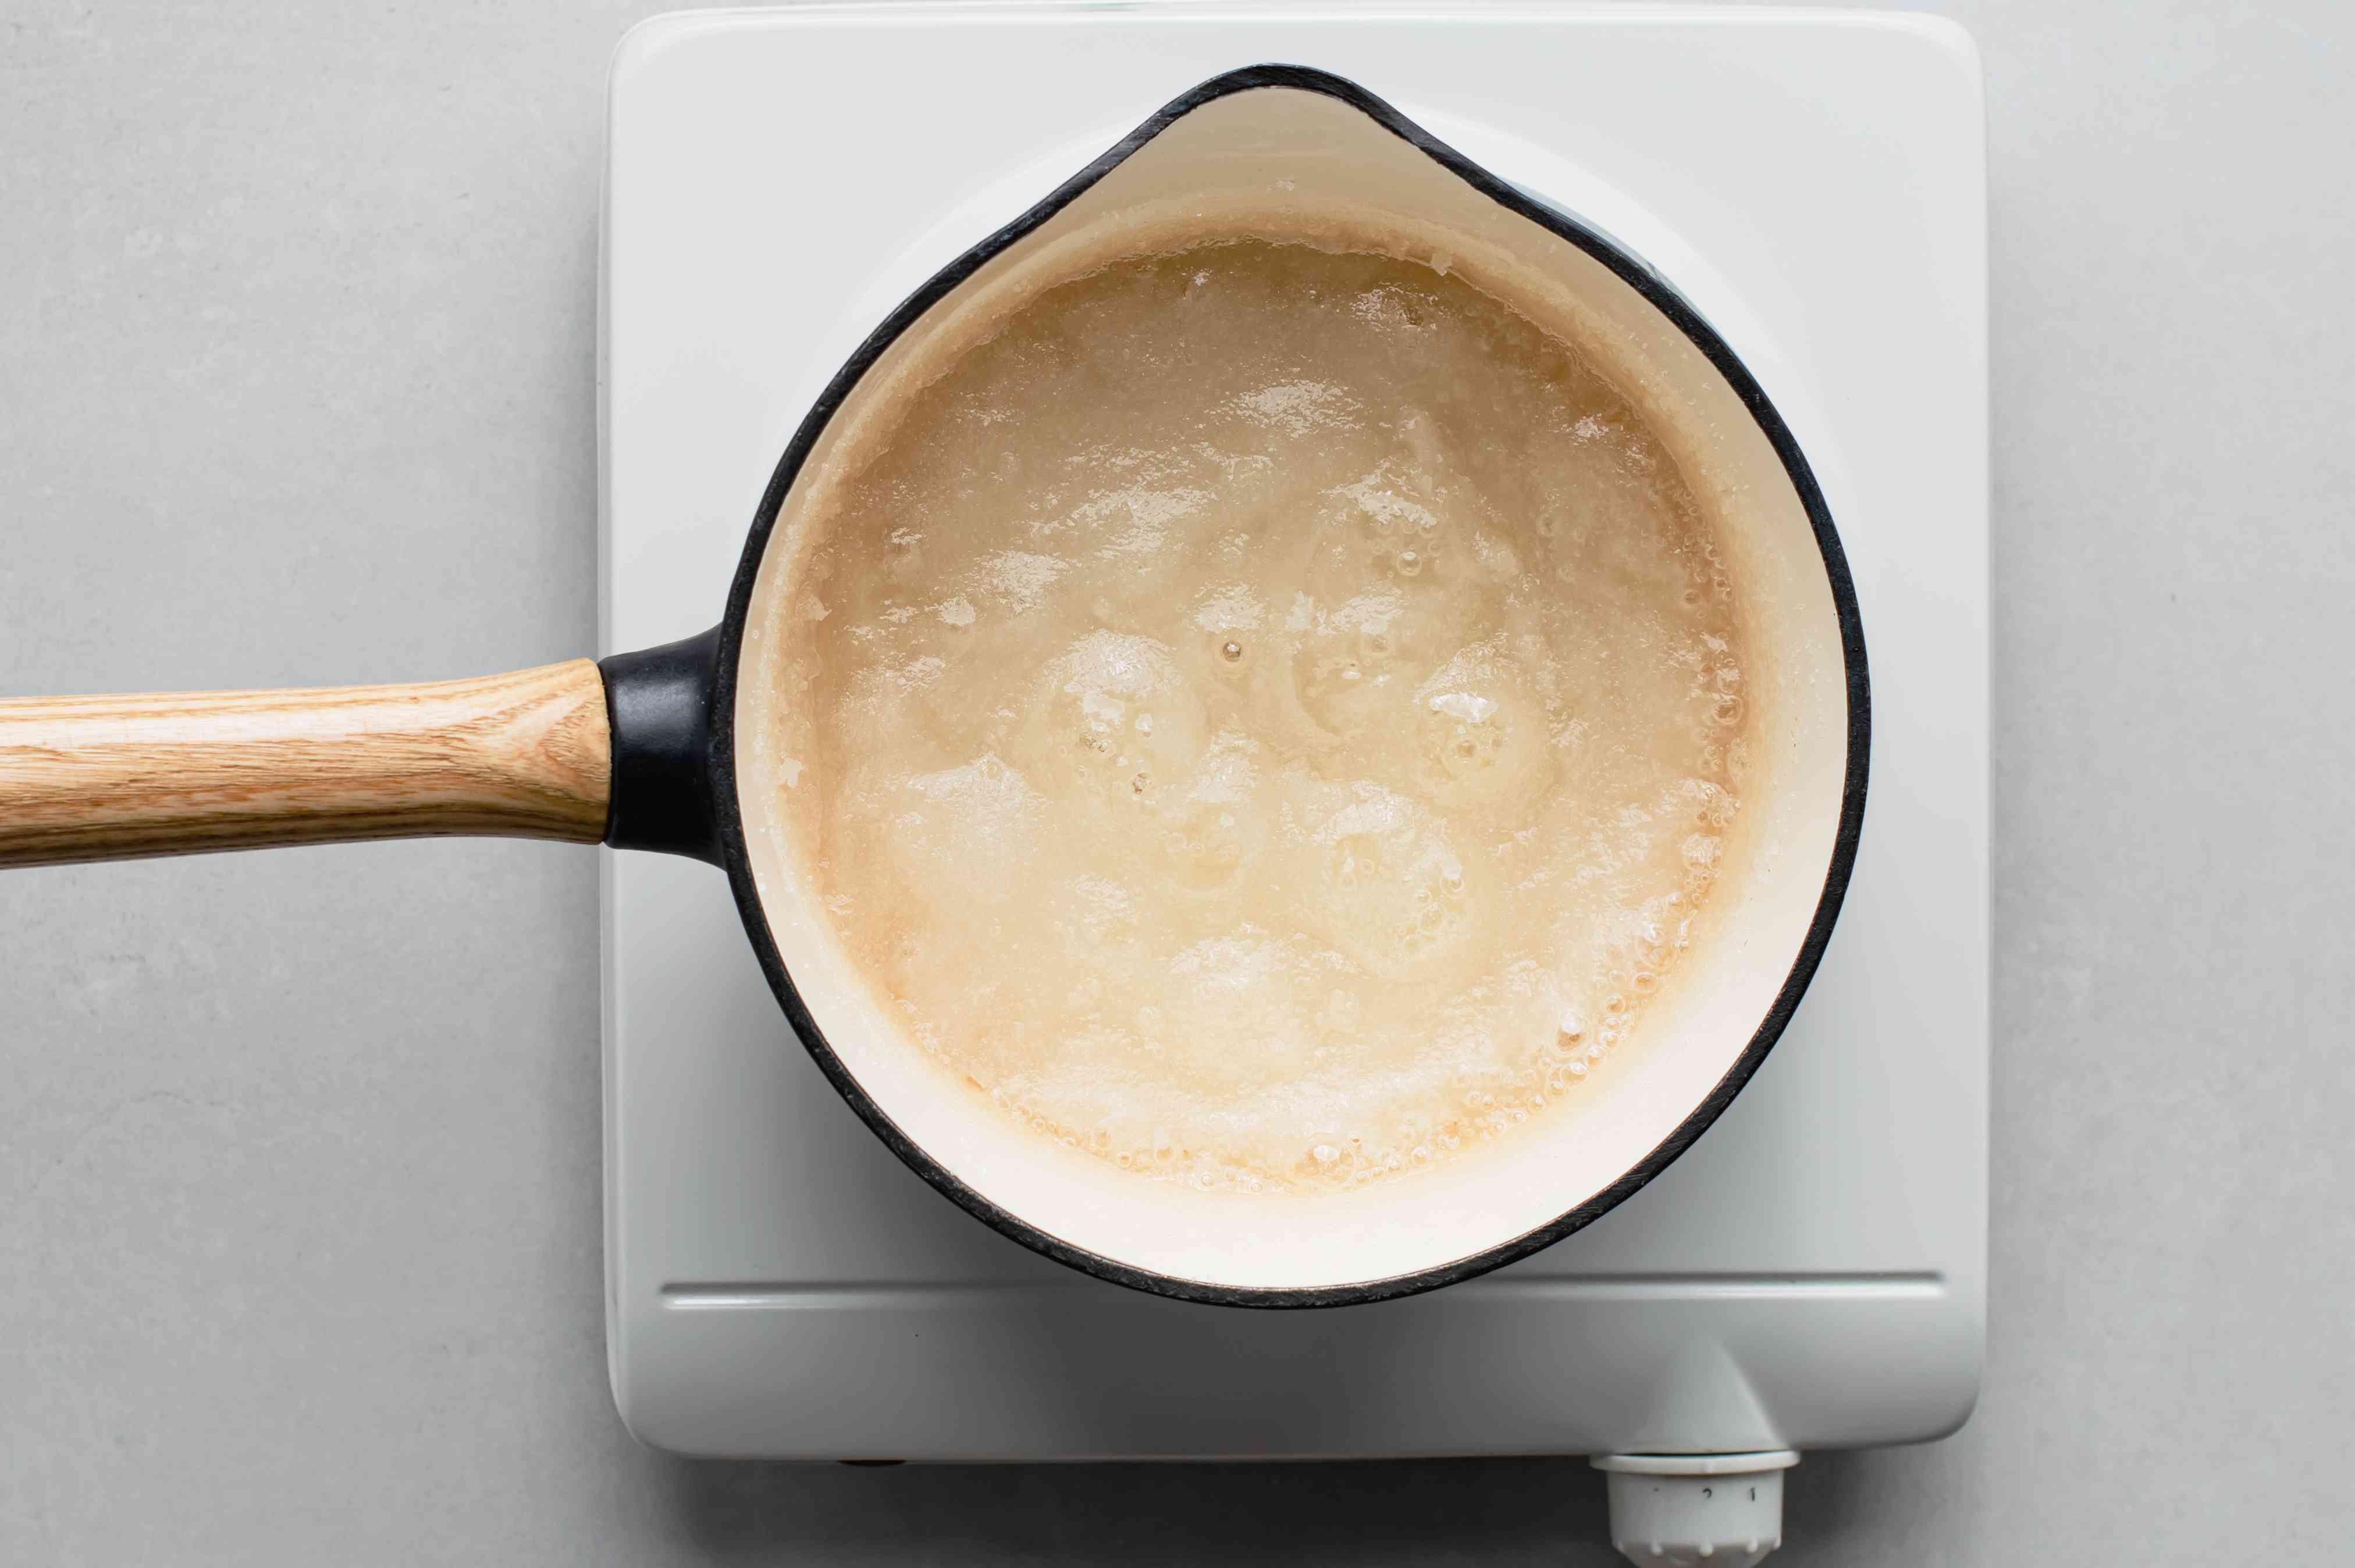 sugar, lemon juice, and water in a saucepan